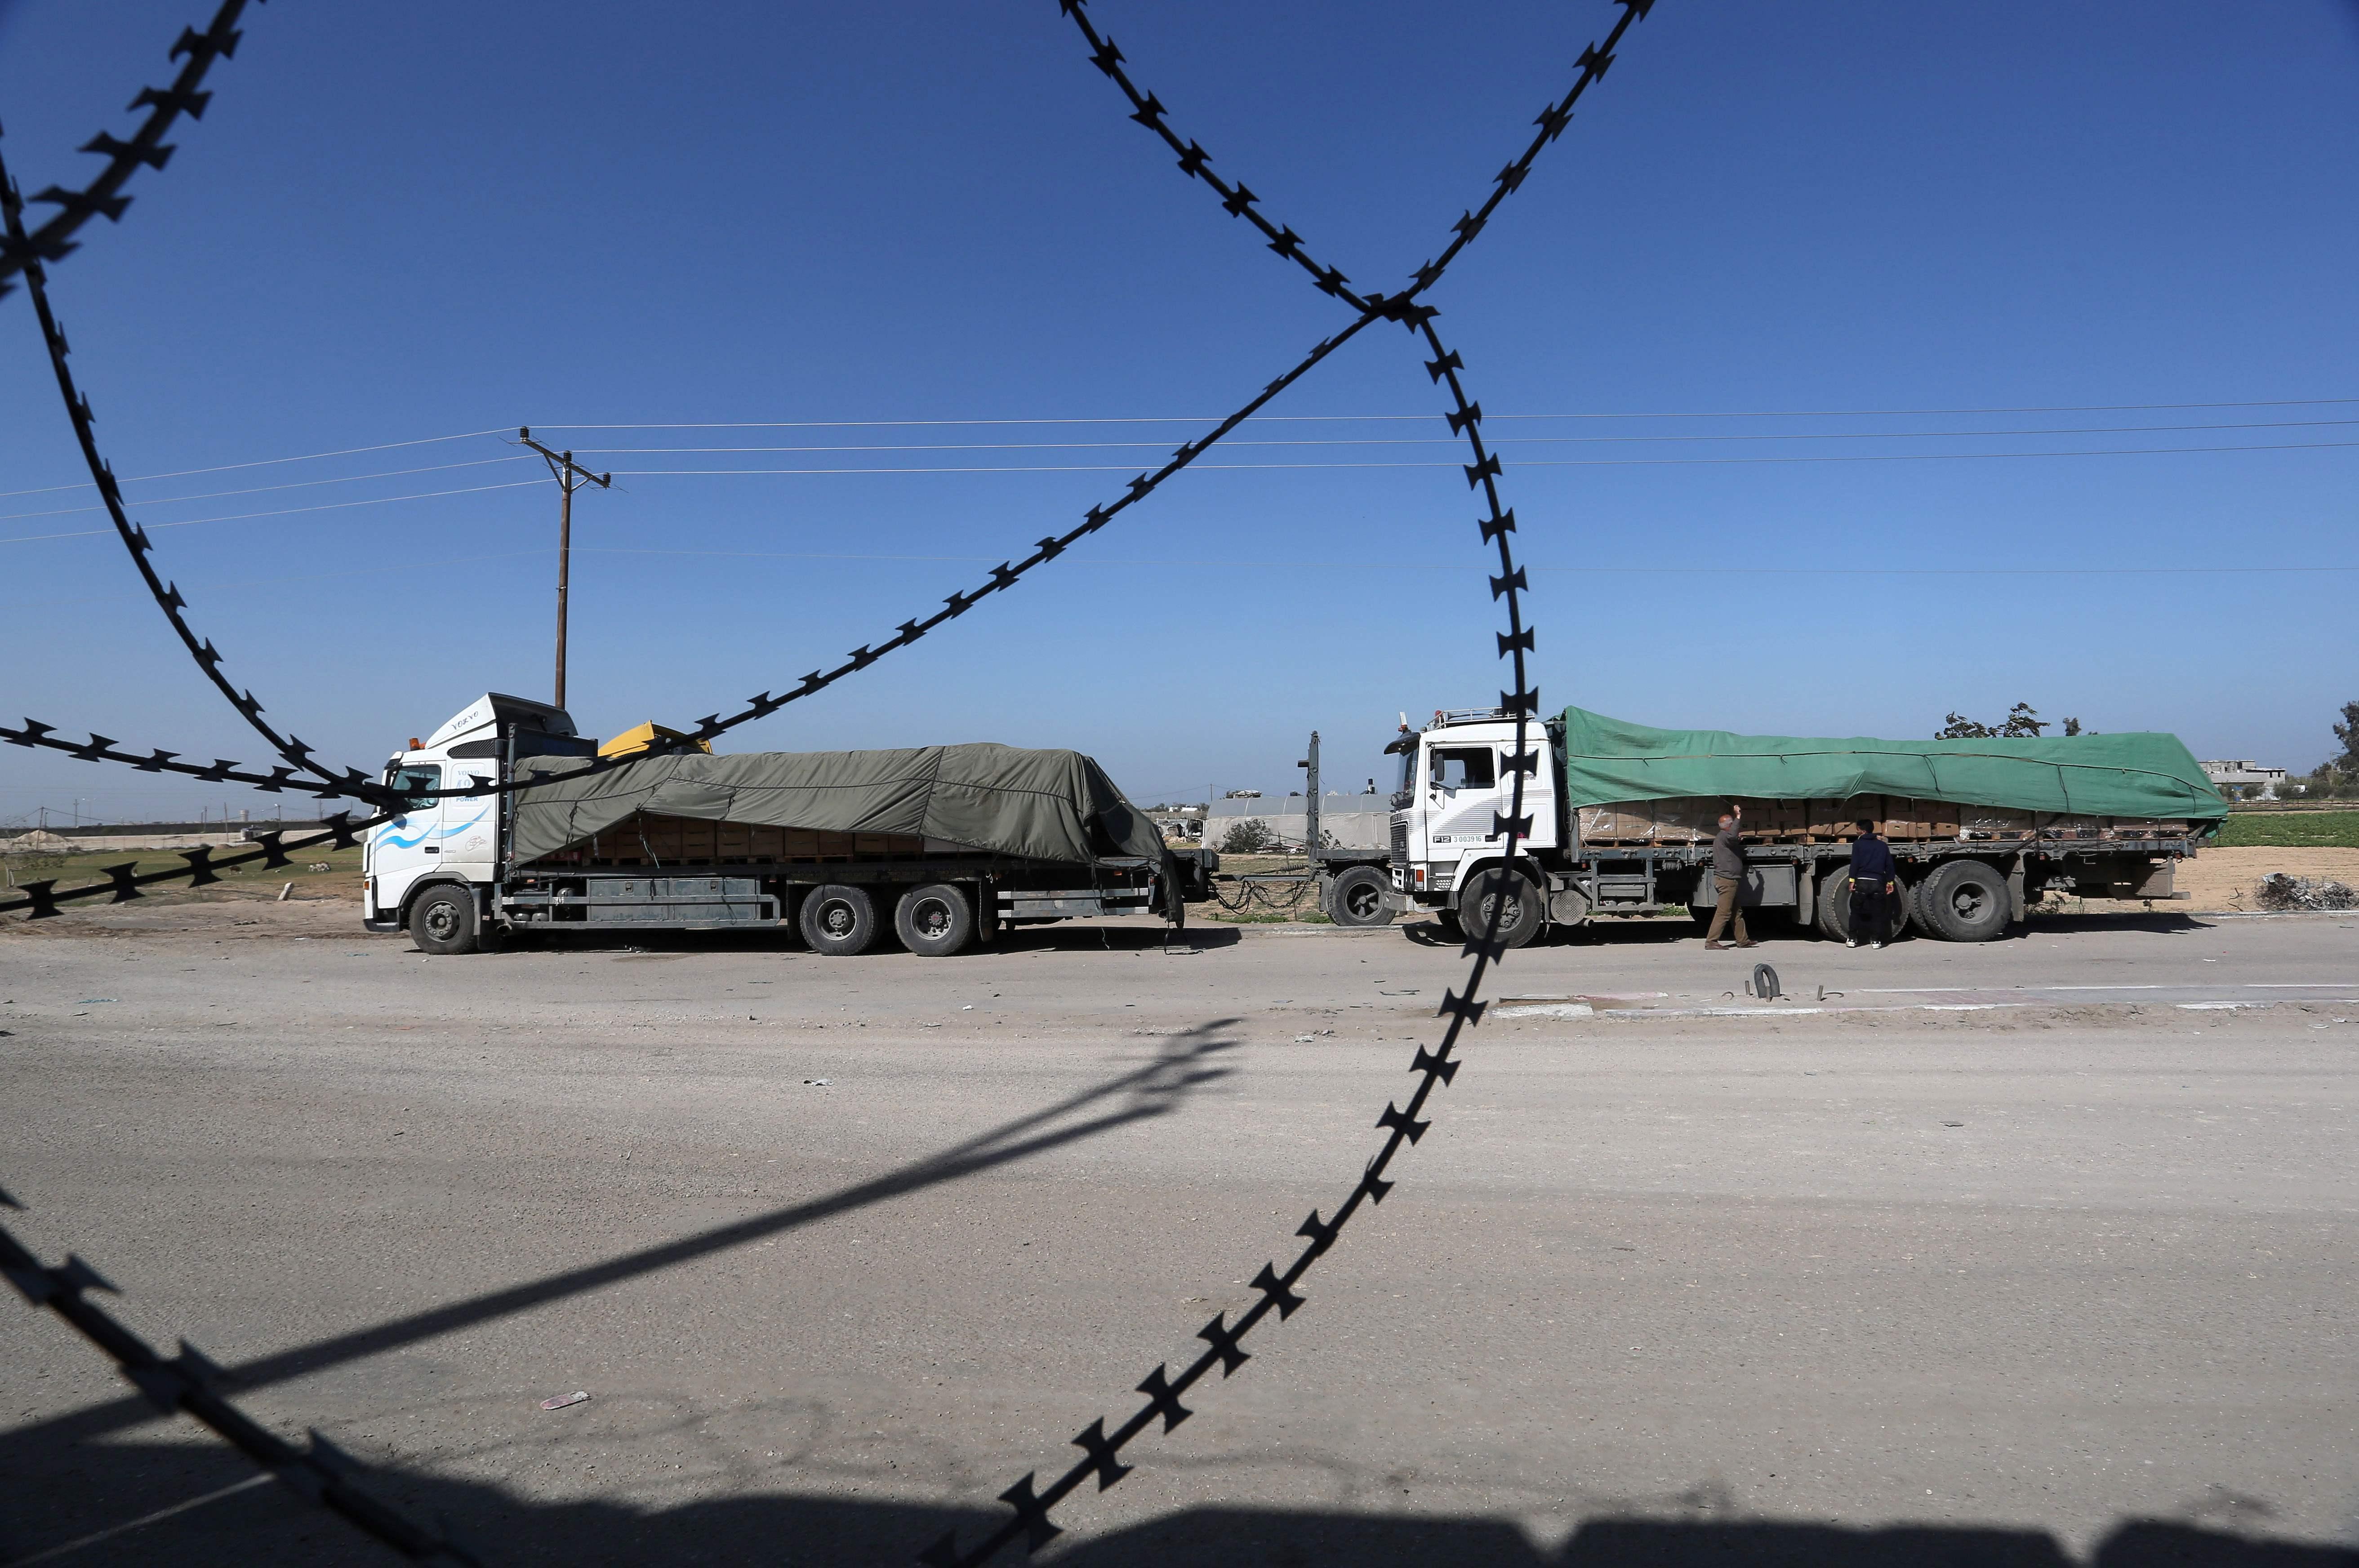 توقف الشاحنات على بوابات معبر كرم أبو سالم